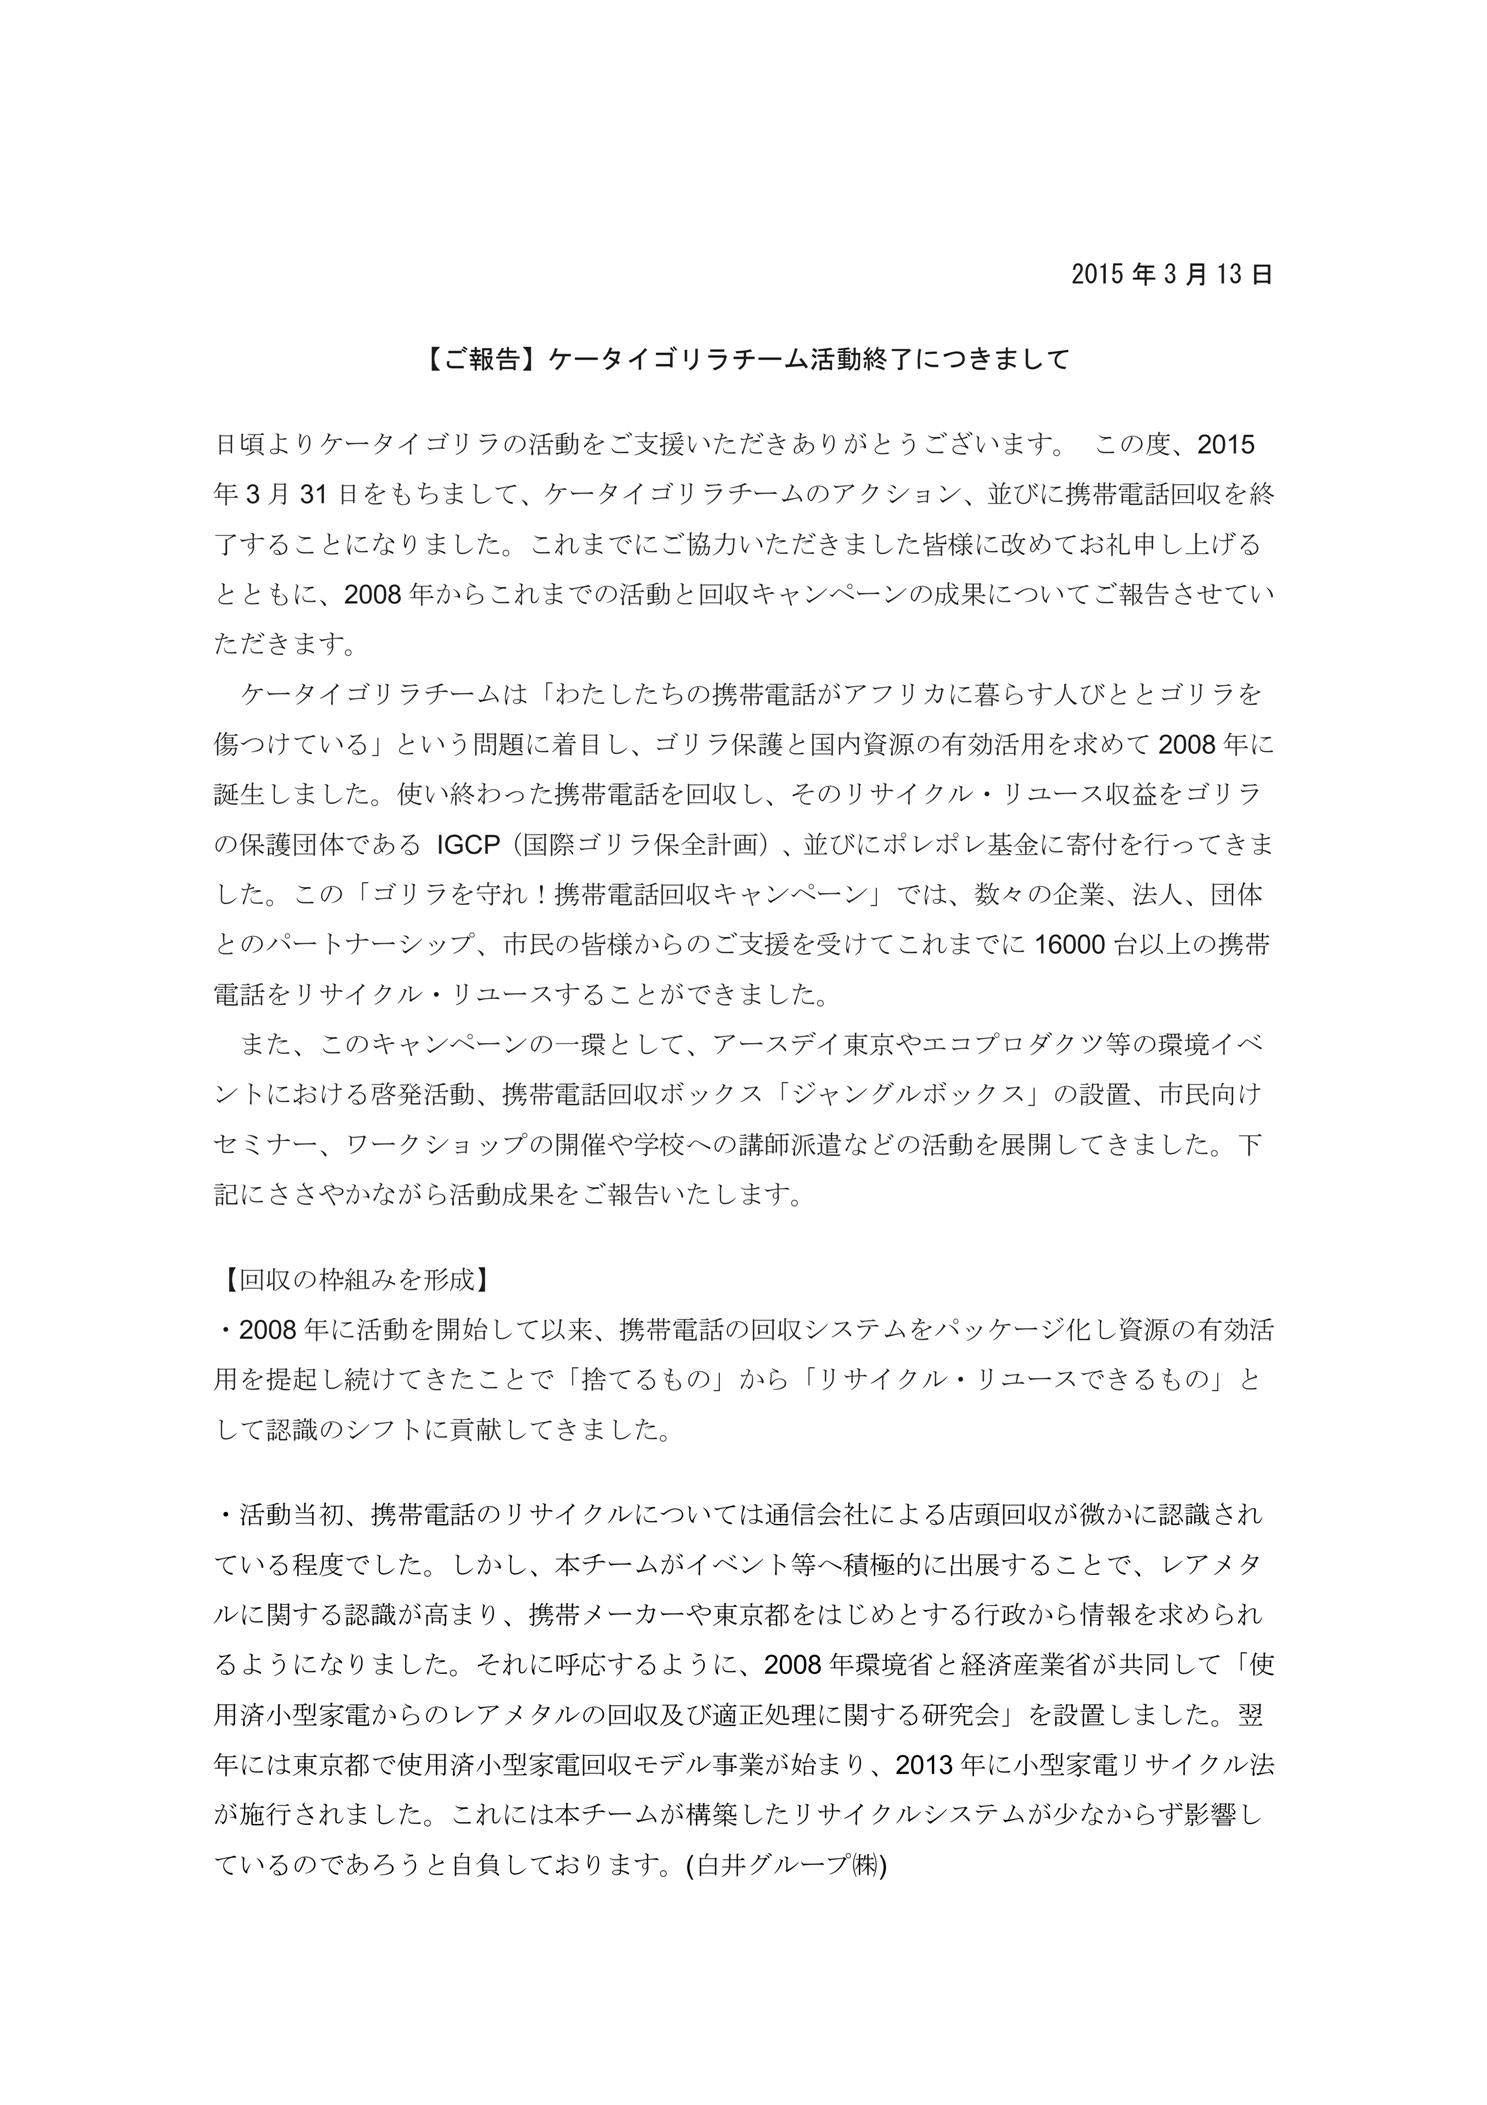 hokoku_keitai_gorilla_02.jpg